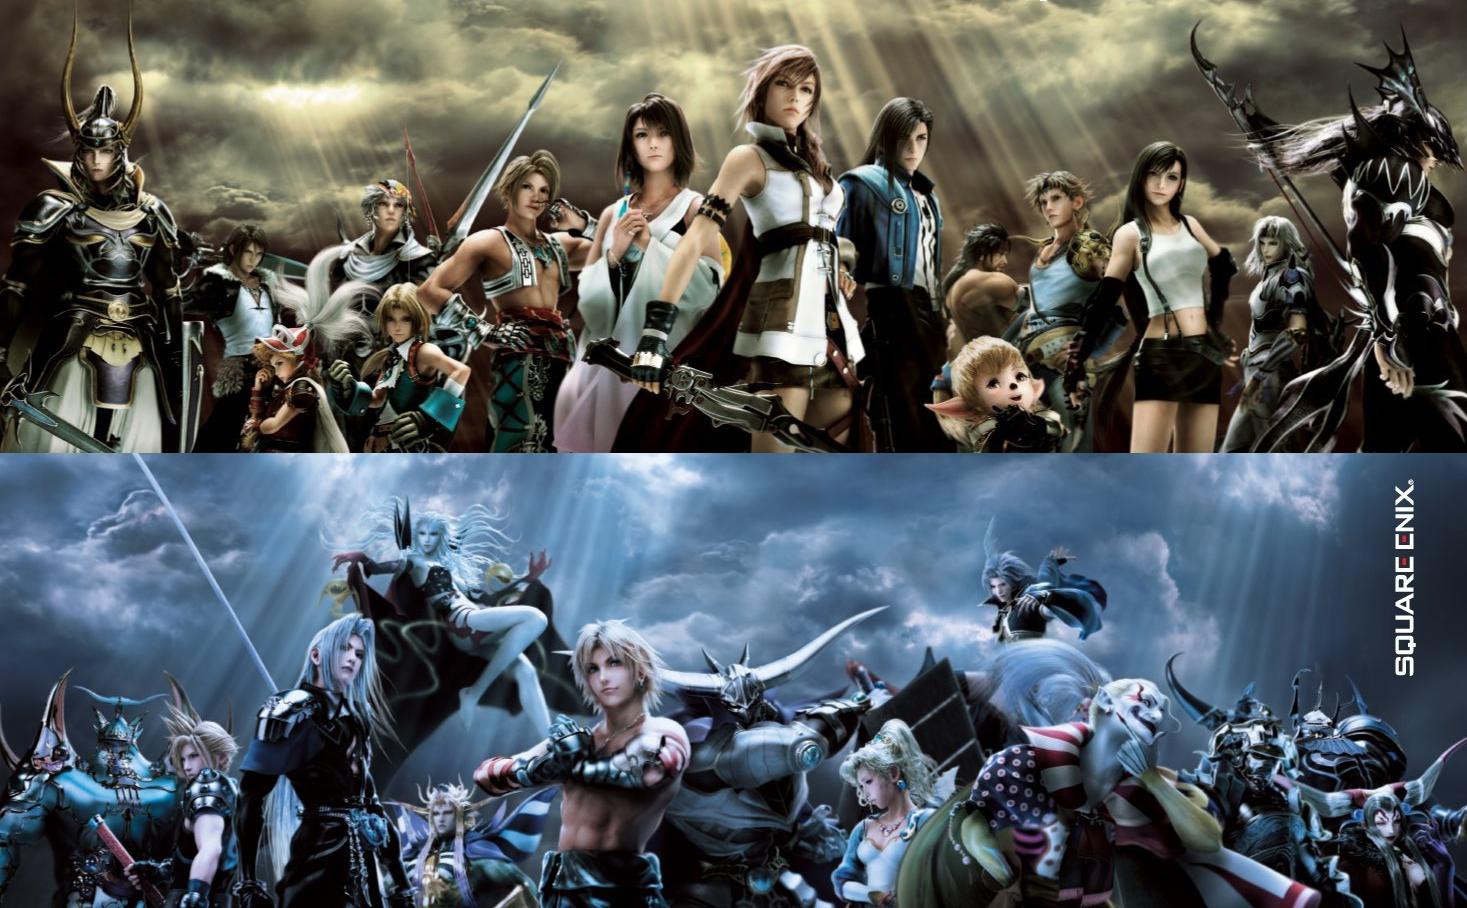 Dissidia 012 Duodecim Final Fantasy Dissidia_012_Main_Cast